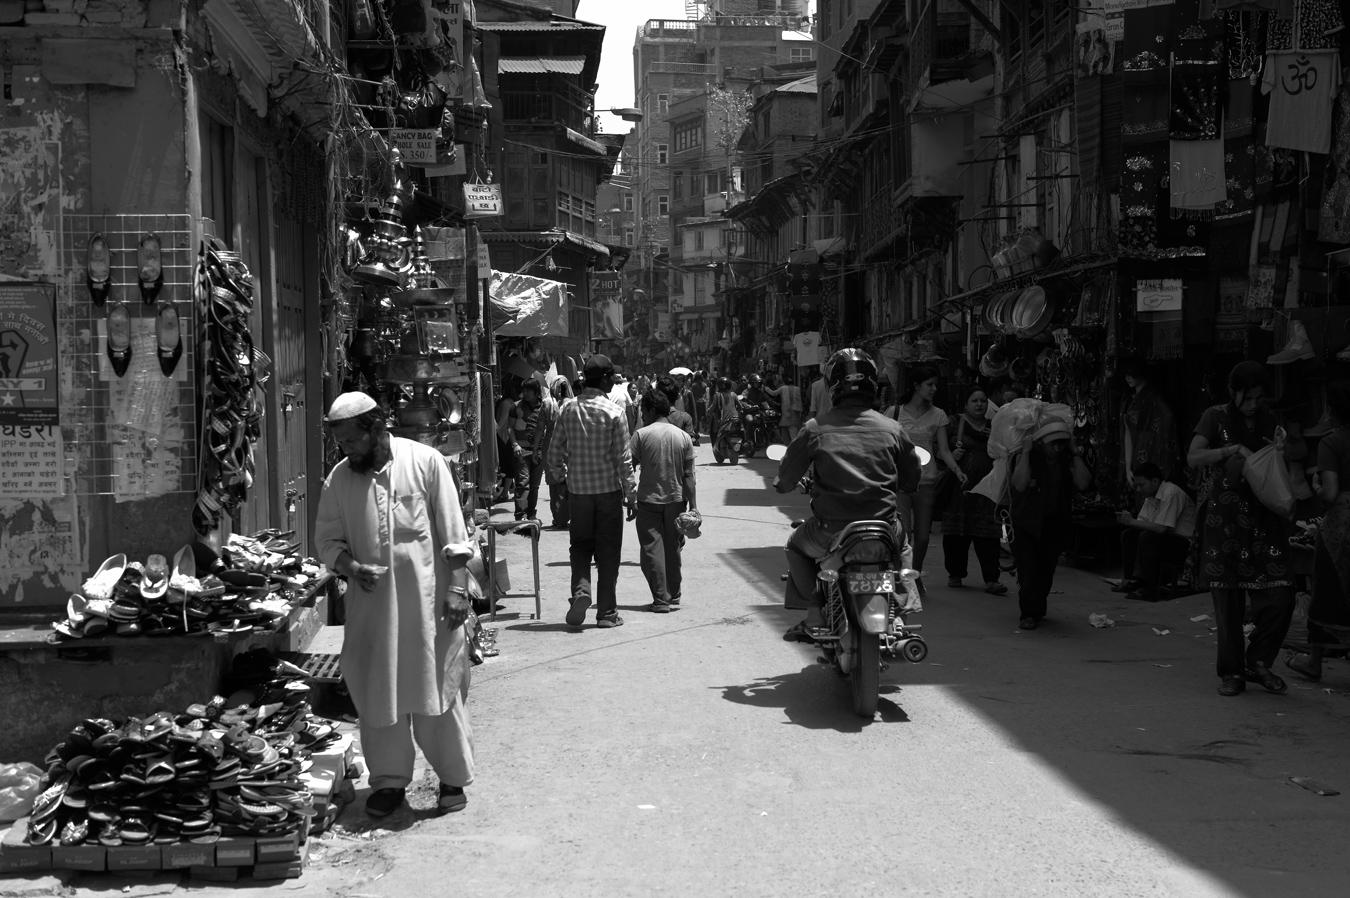 Kathmandu Durbar Square近辺にて_c0116732_8383871.jpg